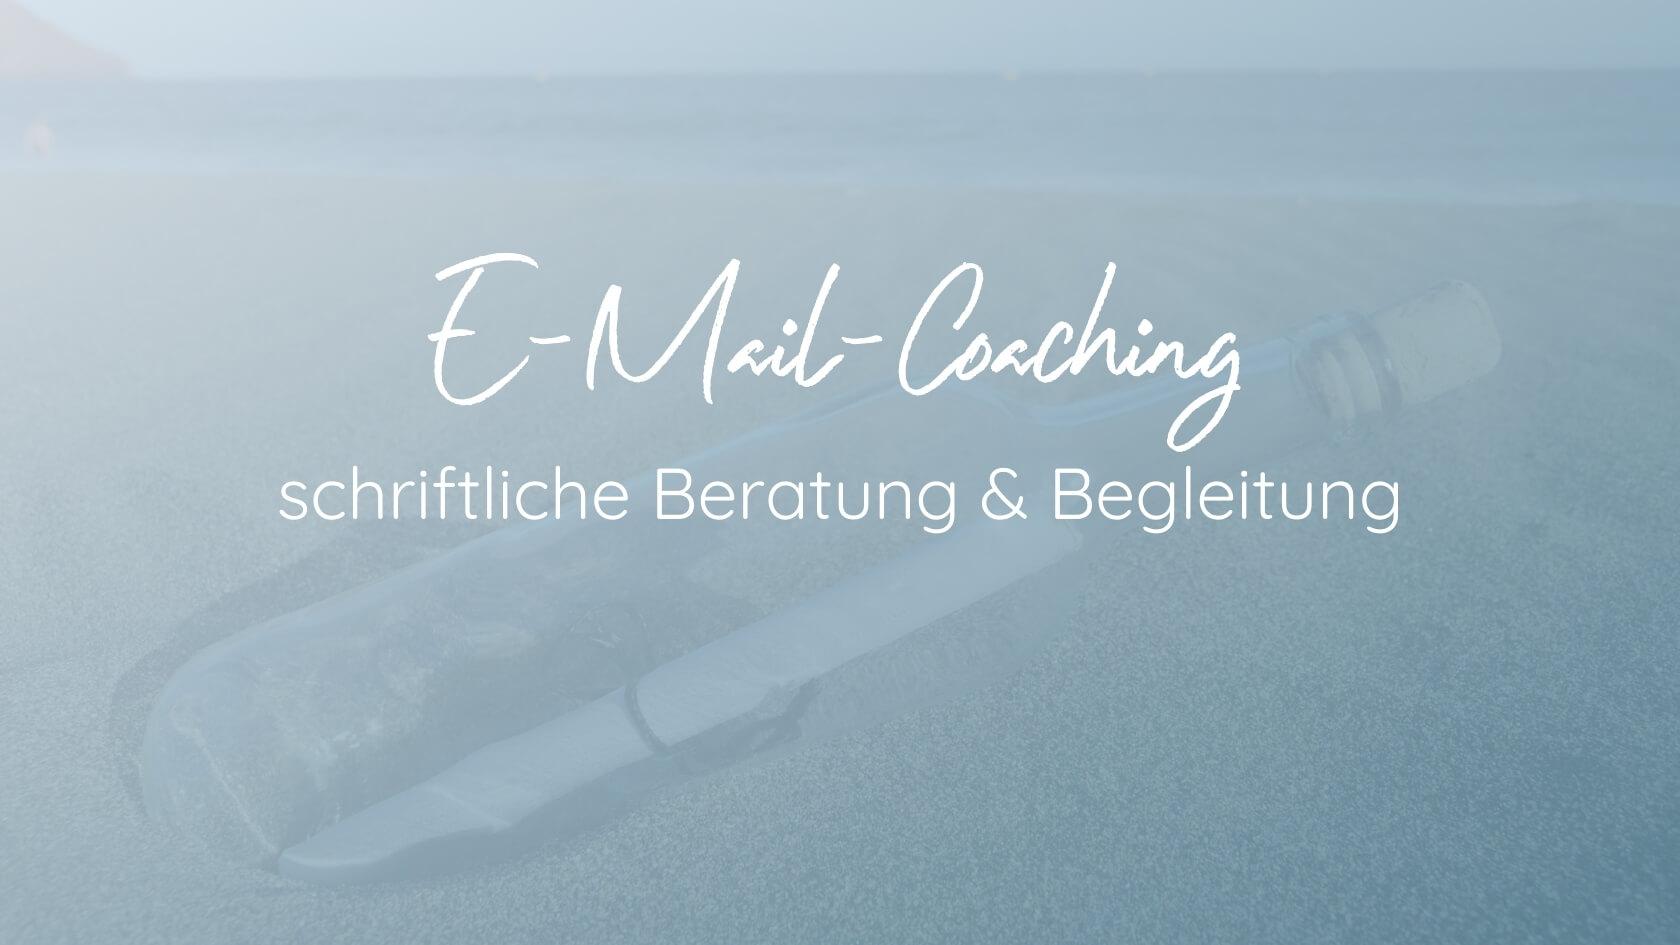 E-Mail-Coaching - schriftliche Beratung & Begleitung